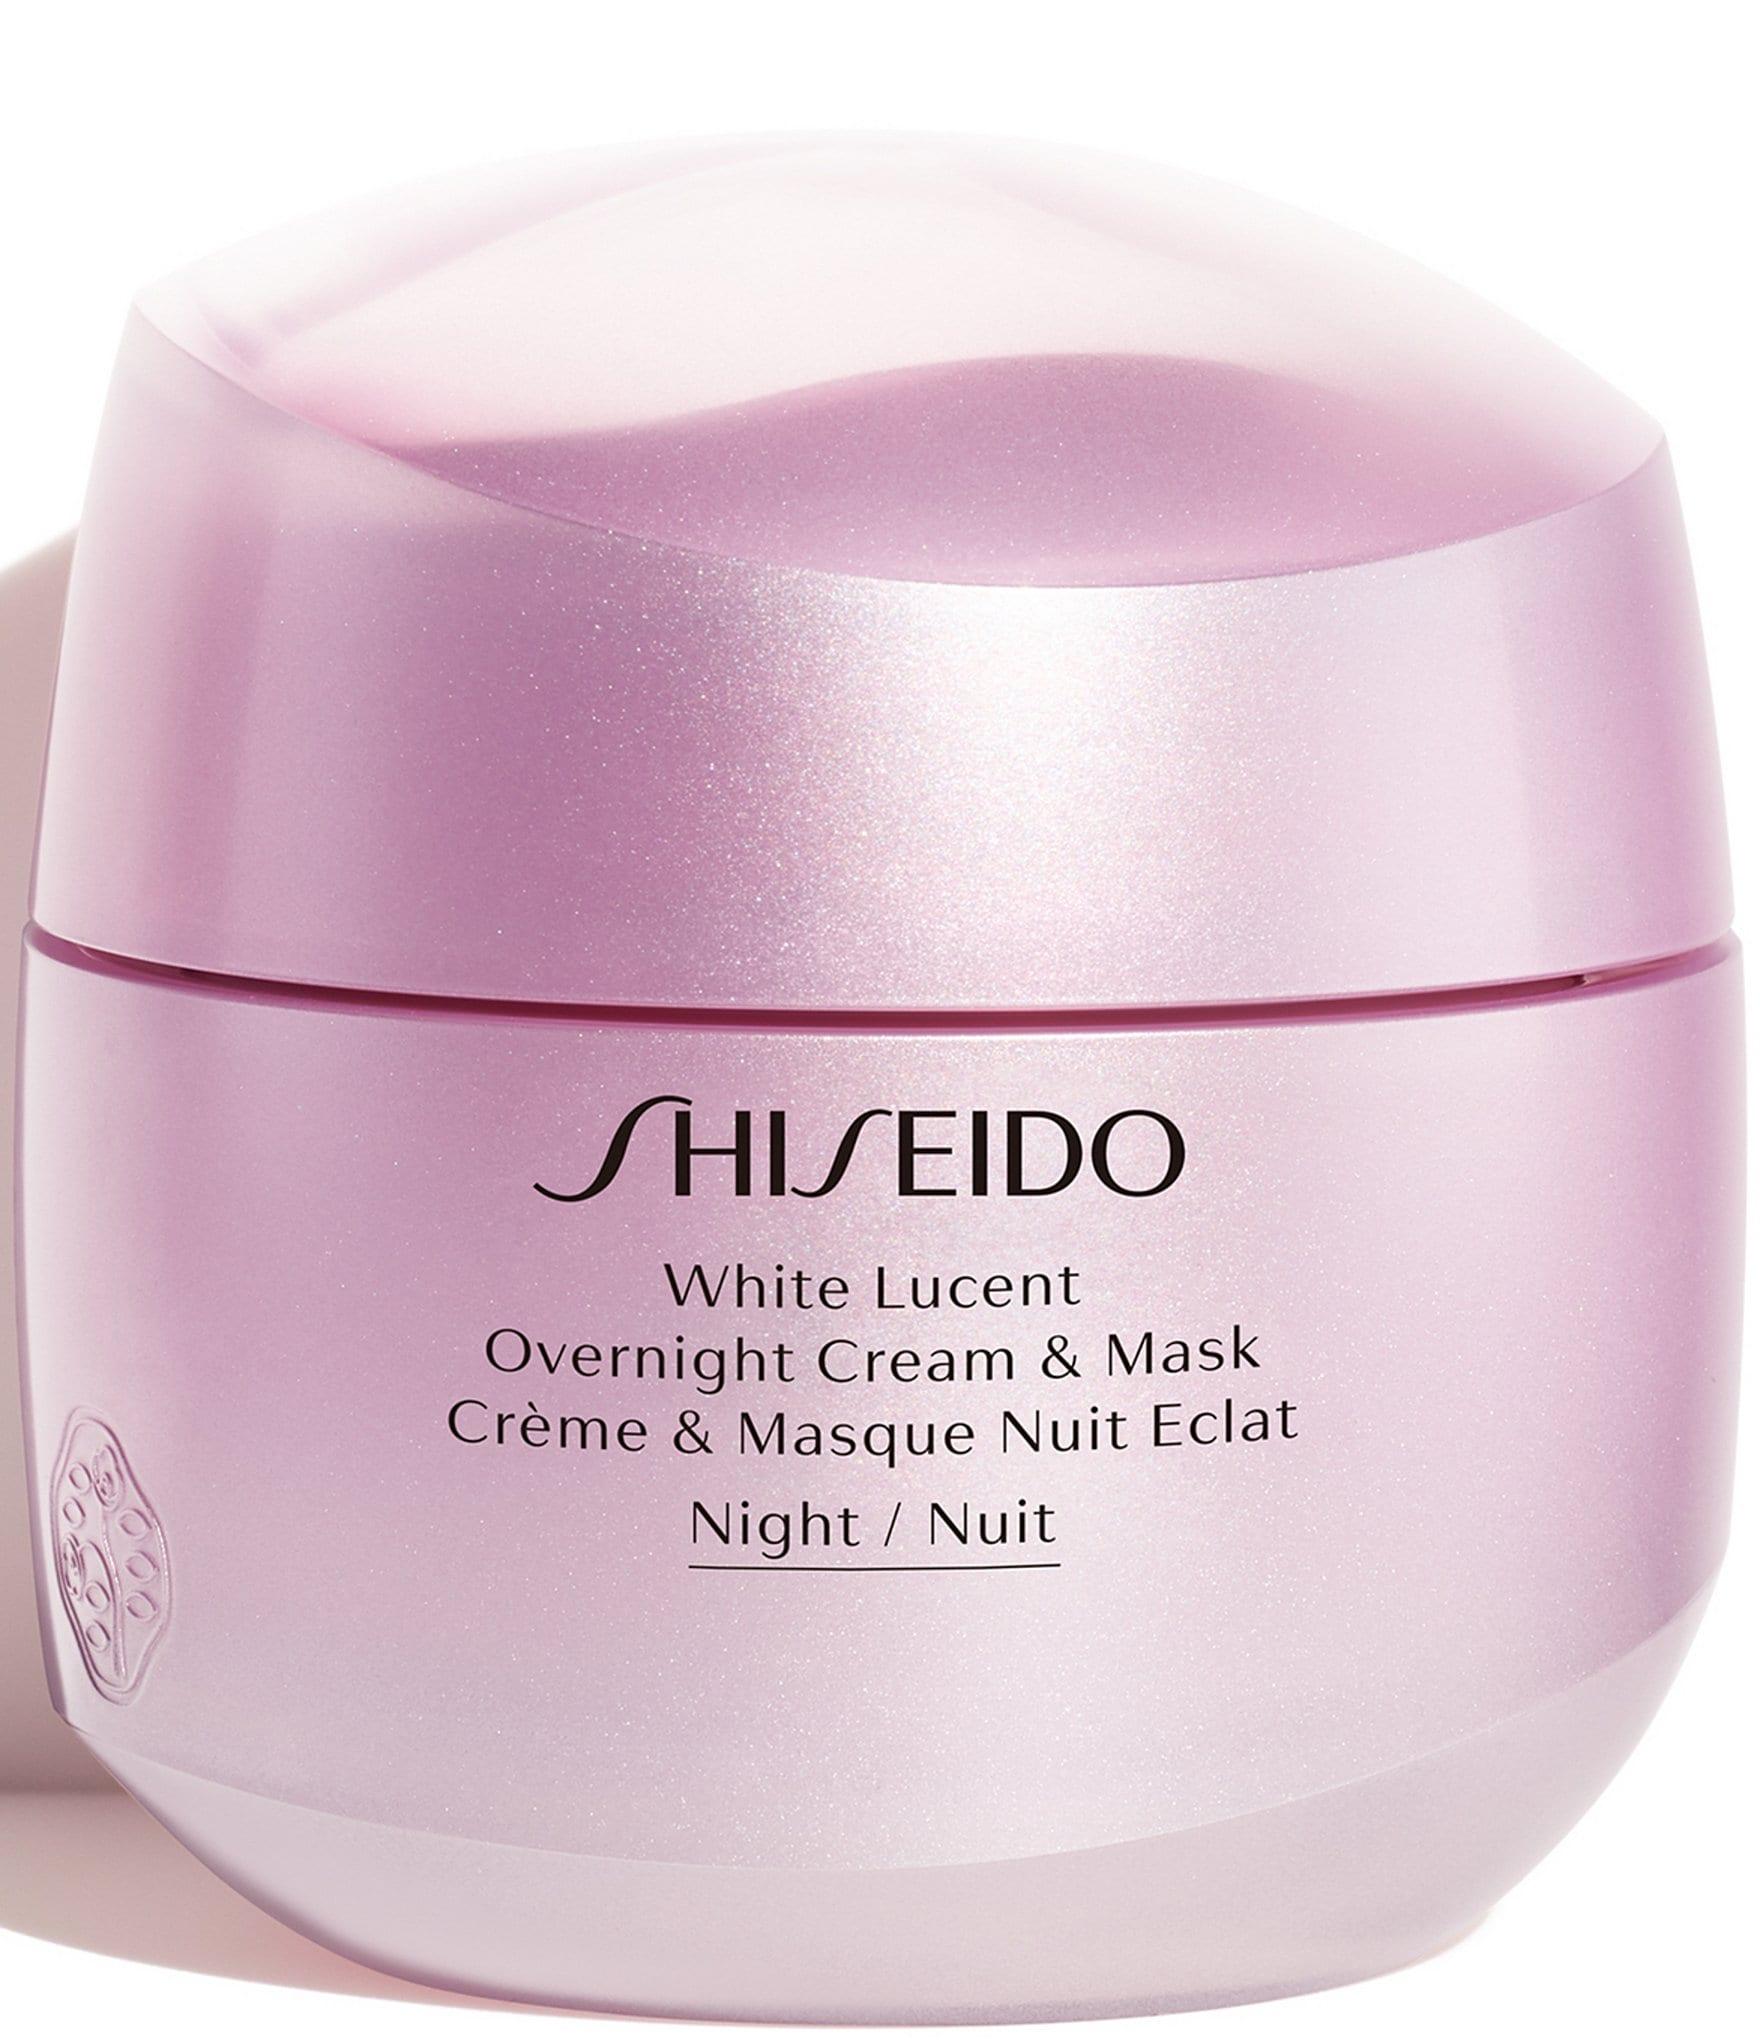 Shiseido японская косметика купить финская косметика спб купить